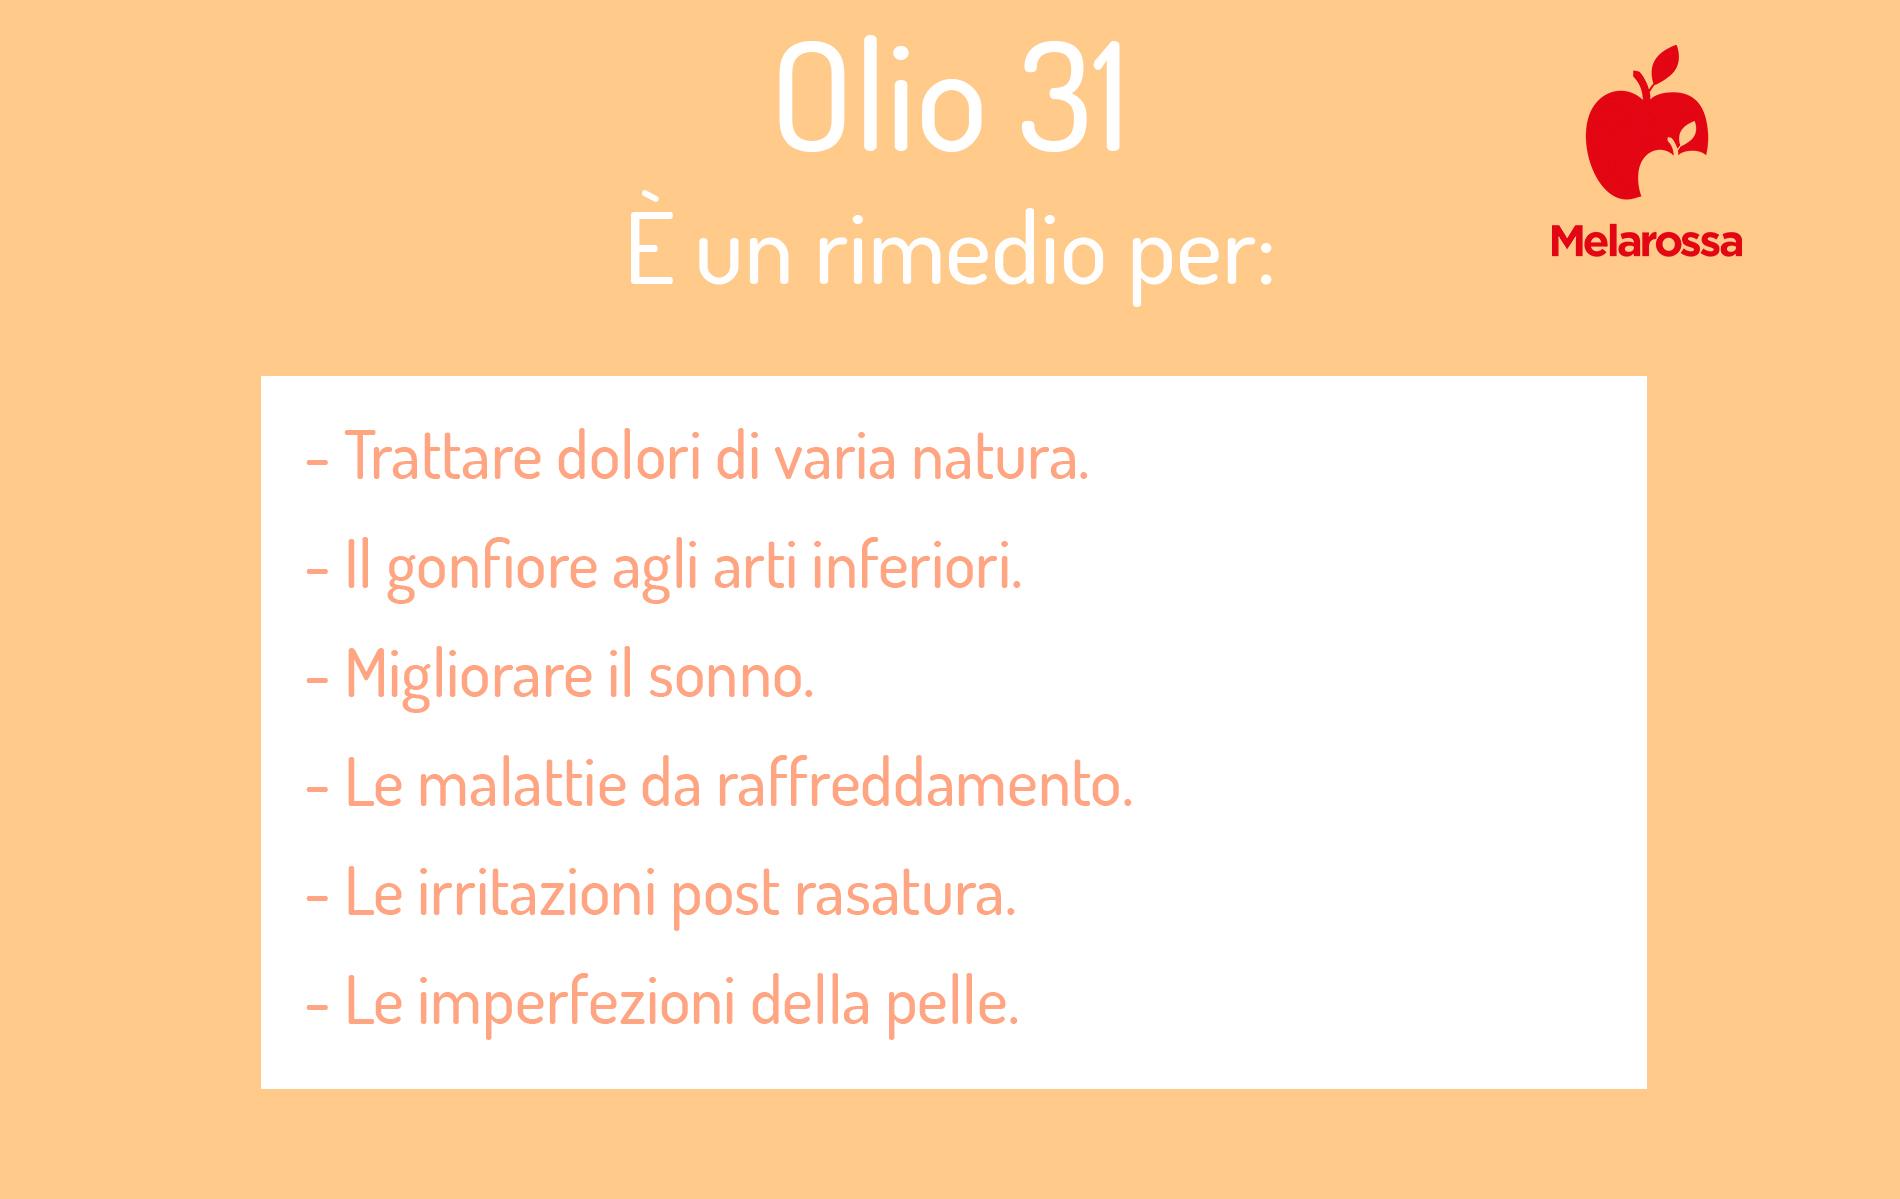 olio 31: rimedio naturale efficace